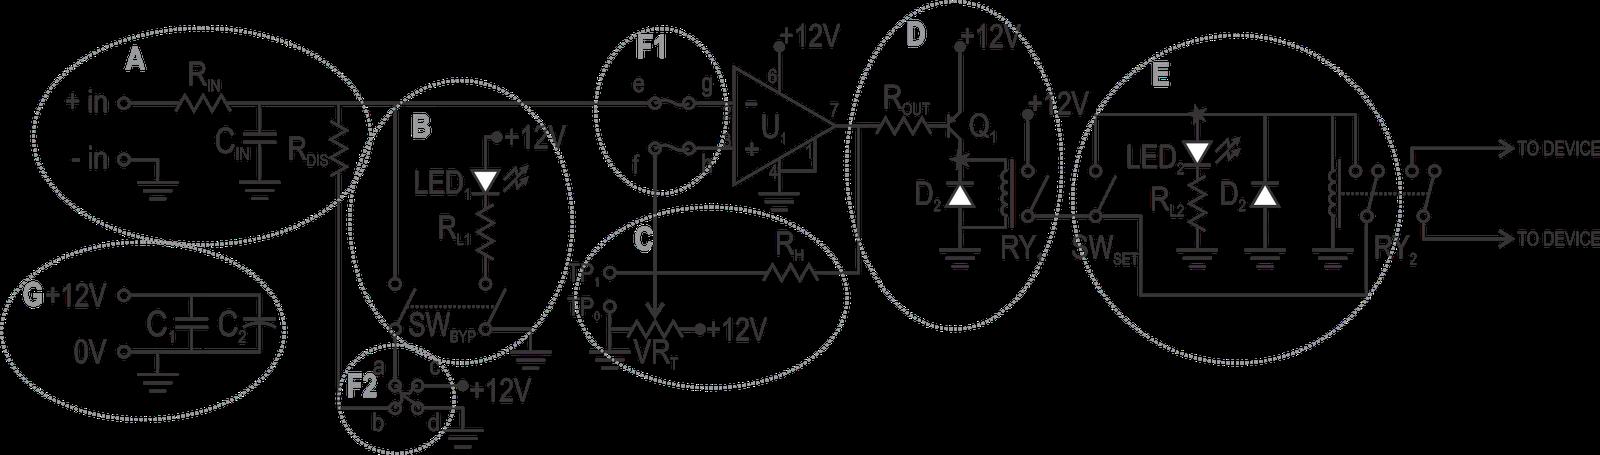 Interlock Circuit Diagram | William Paul Safety Interlock Circuit For Vacuum Systems